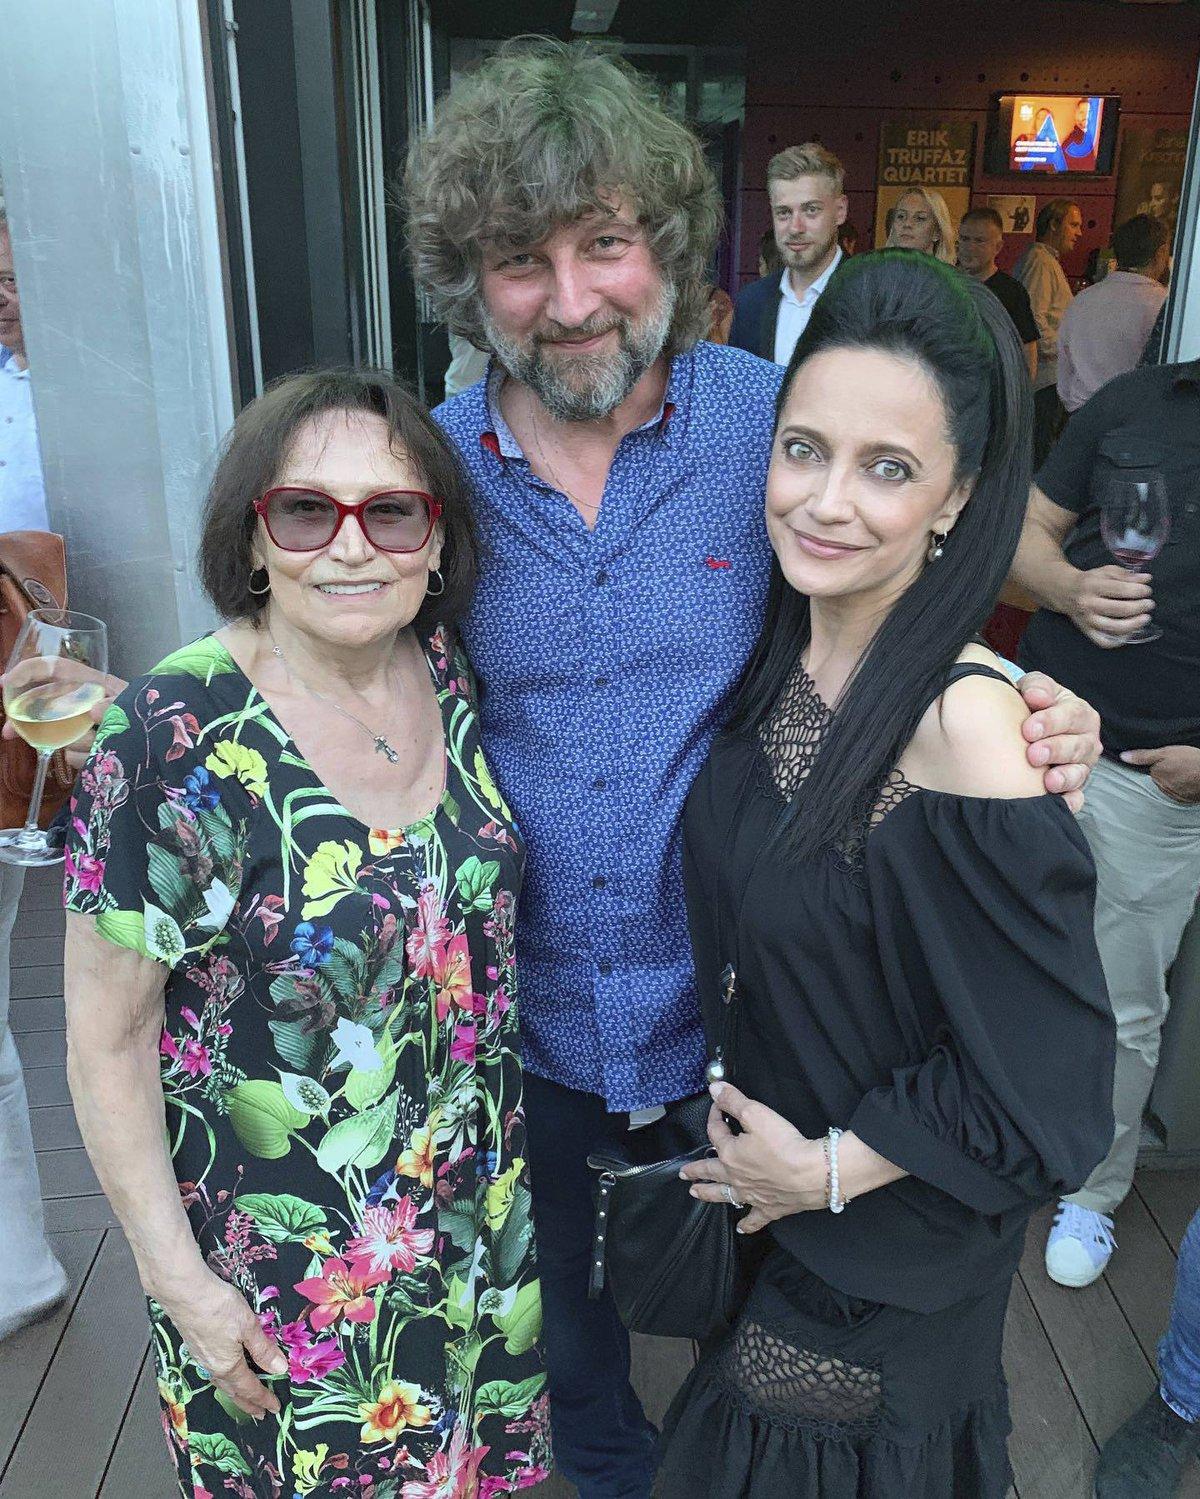 Martu Kubišovou a Lucii Bílou Malásek léta doprovází na jejich koncertech.